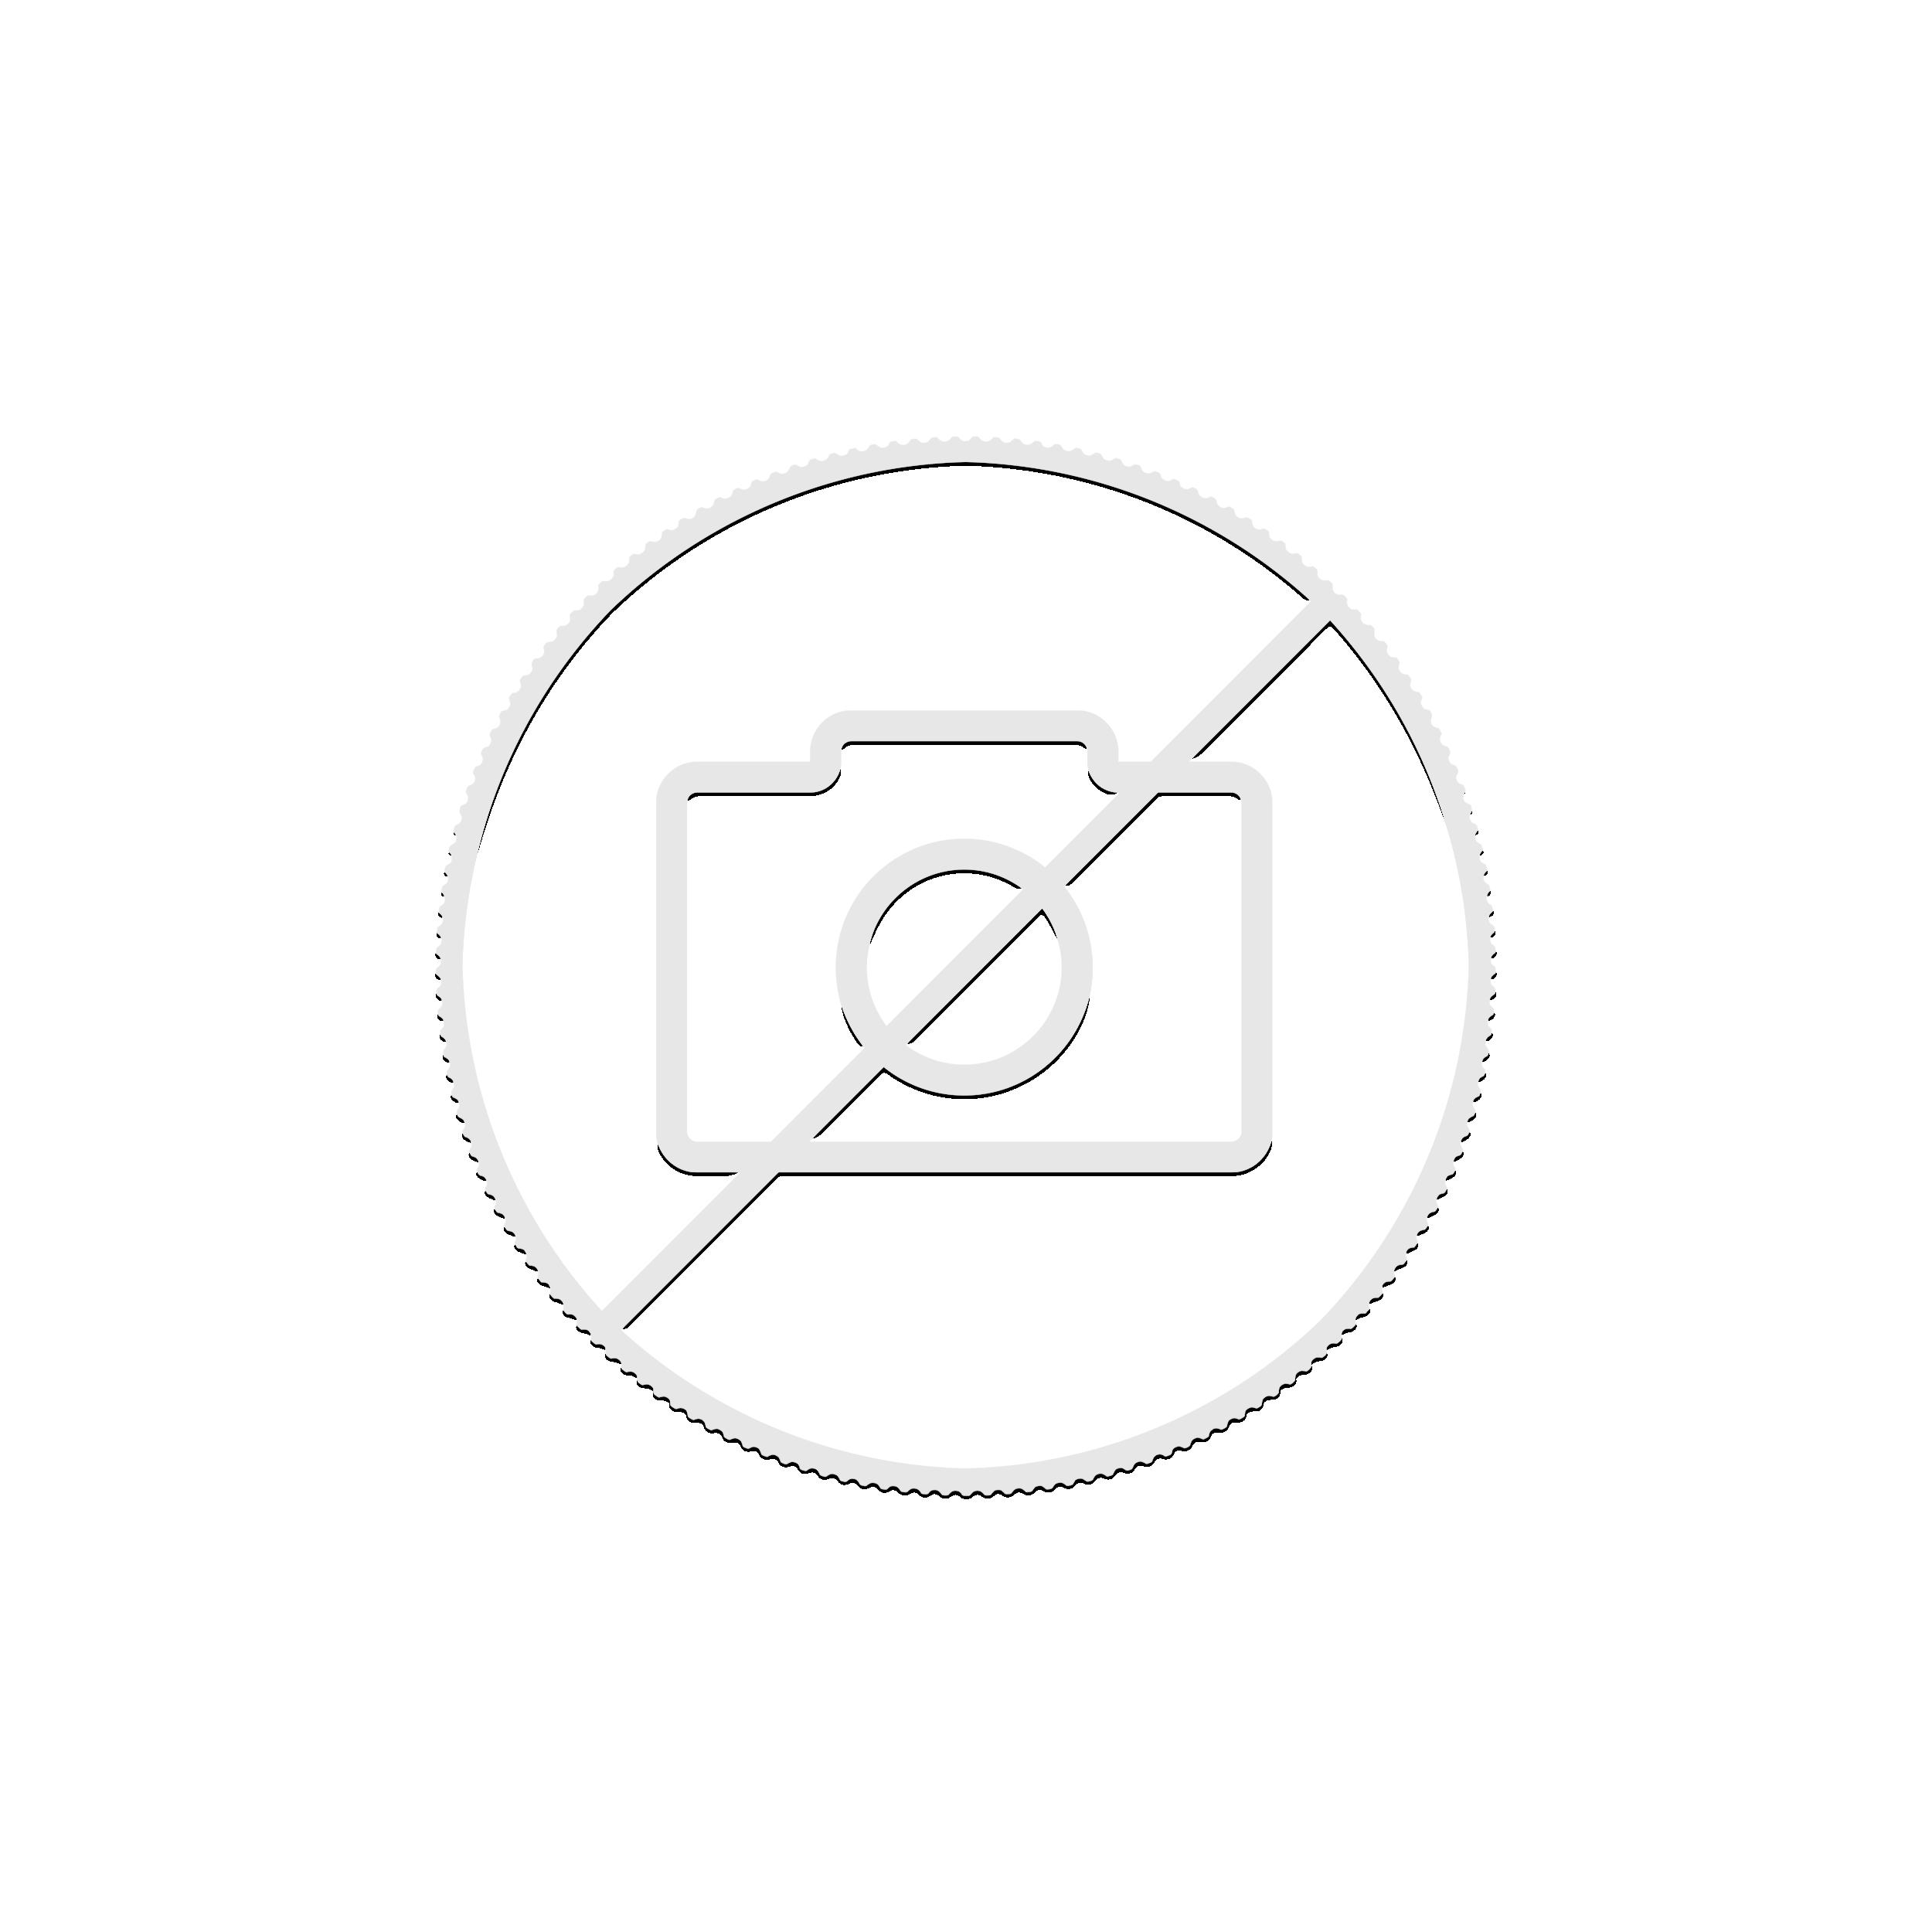 2013 kilo Kookaburra zilveren munt